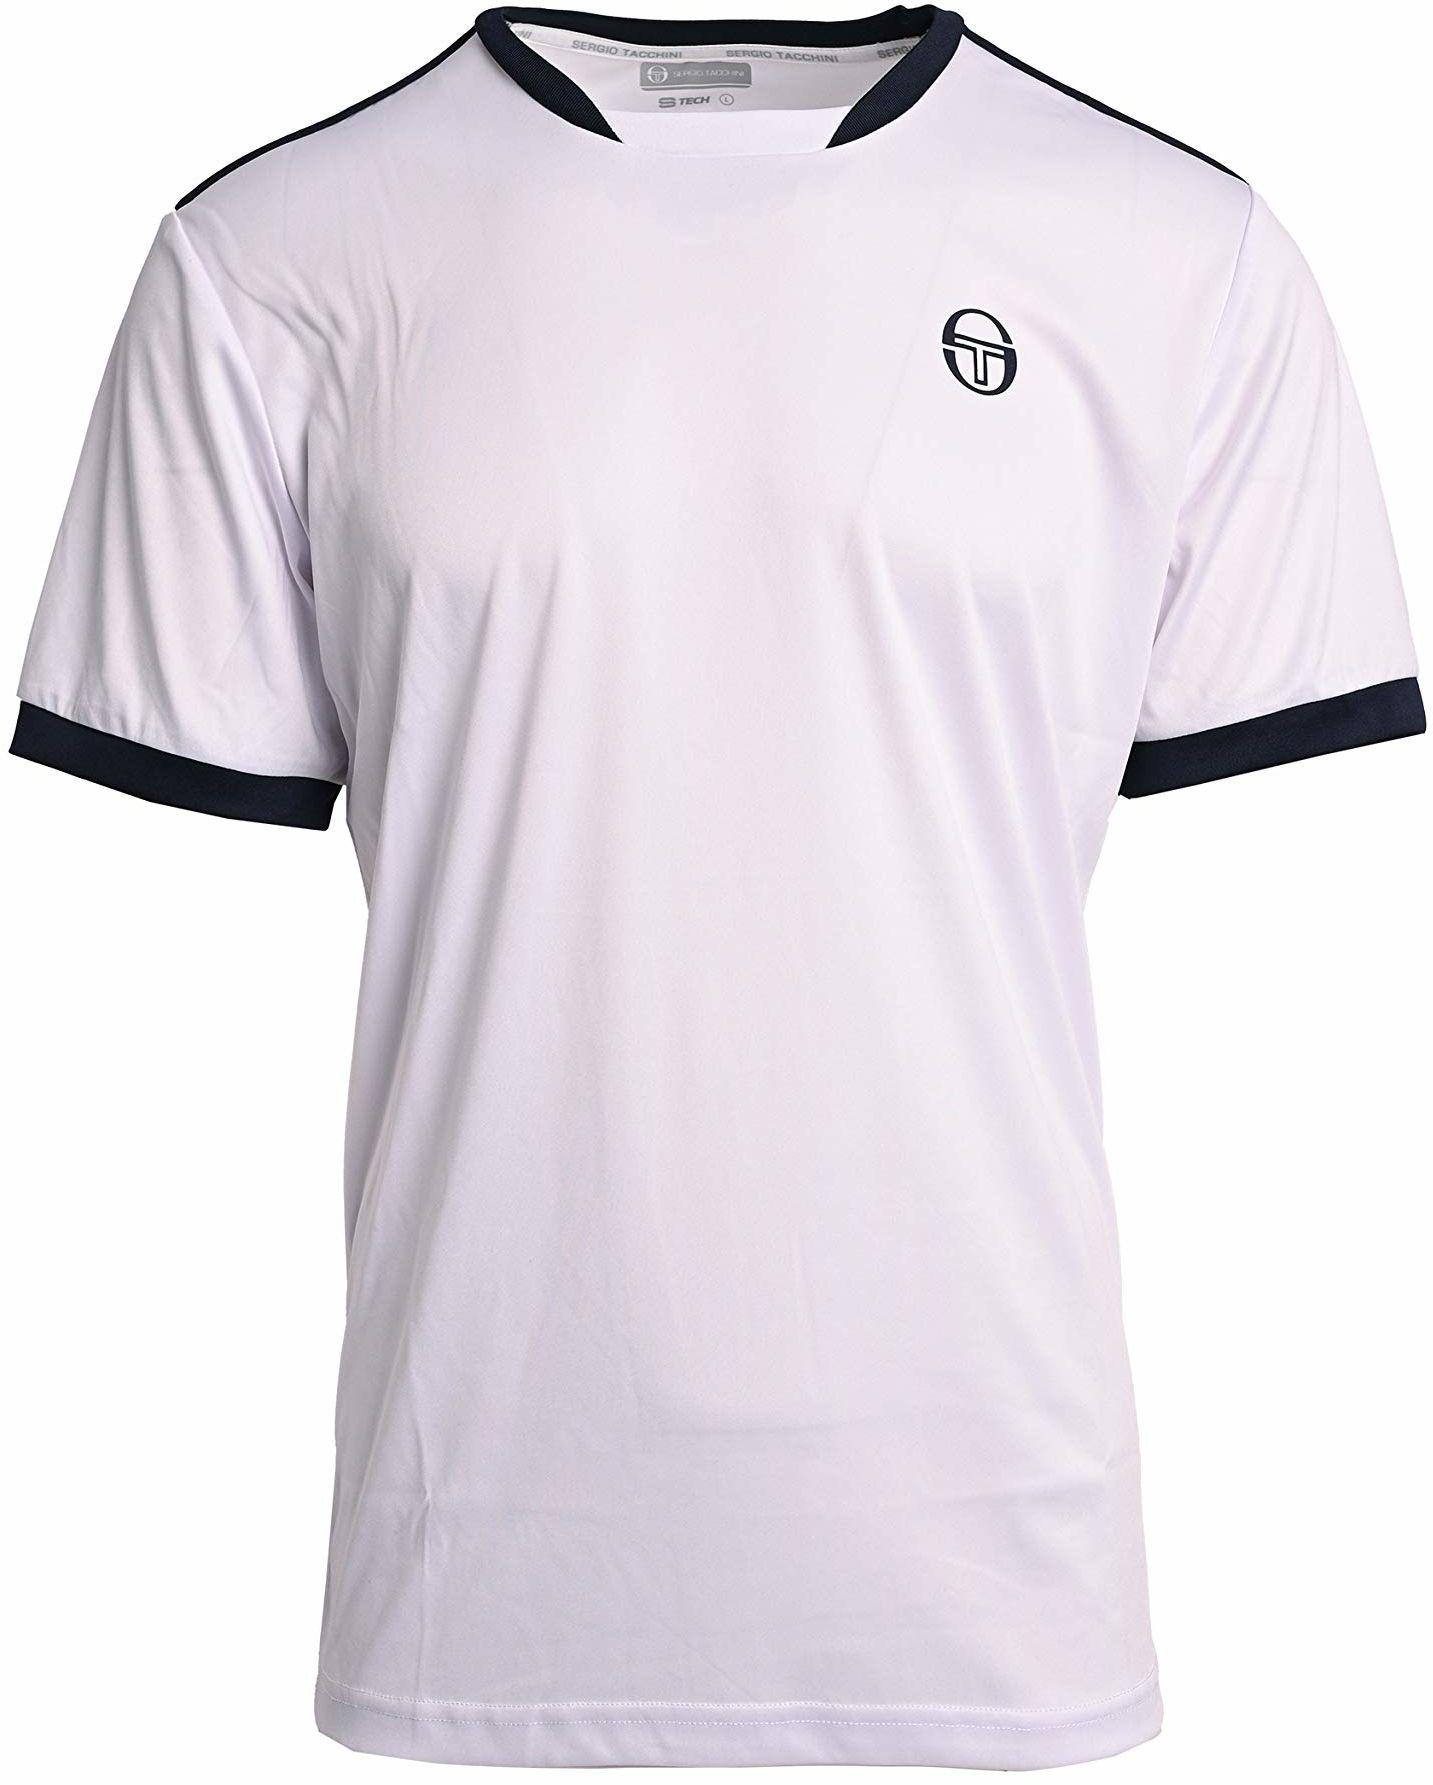 Sergio Tacchini Męski Club Tech T-Shirt, biały/granatowy, S